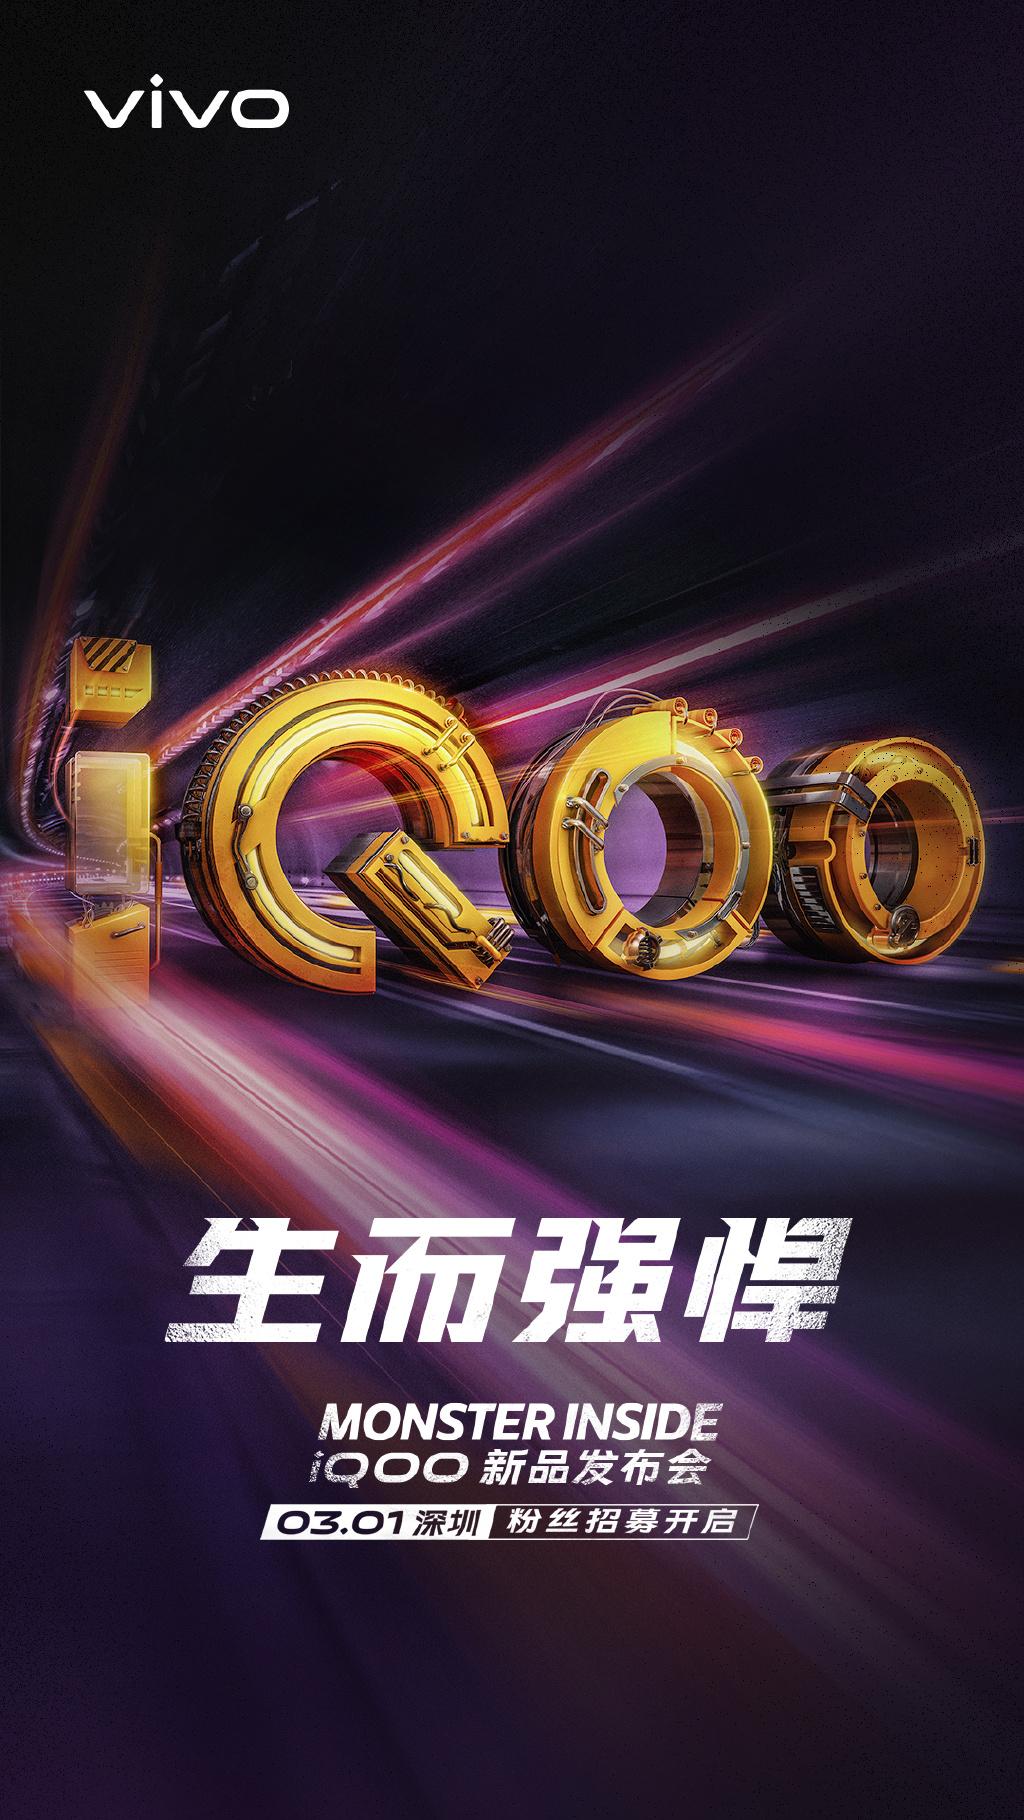 iQOO手机发布时间确定 3月1日